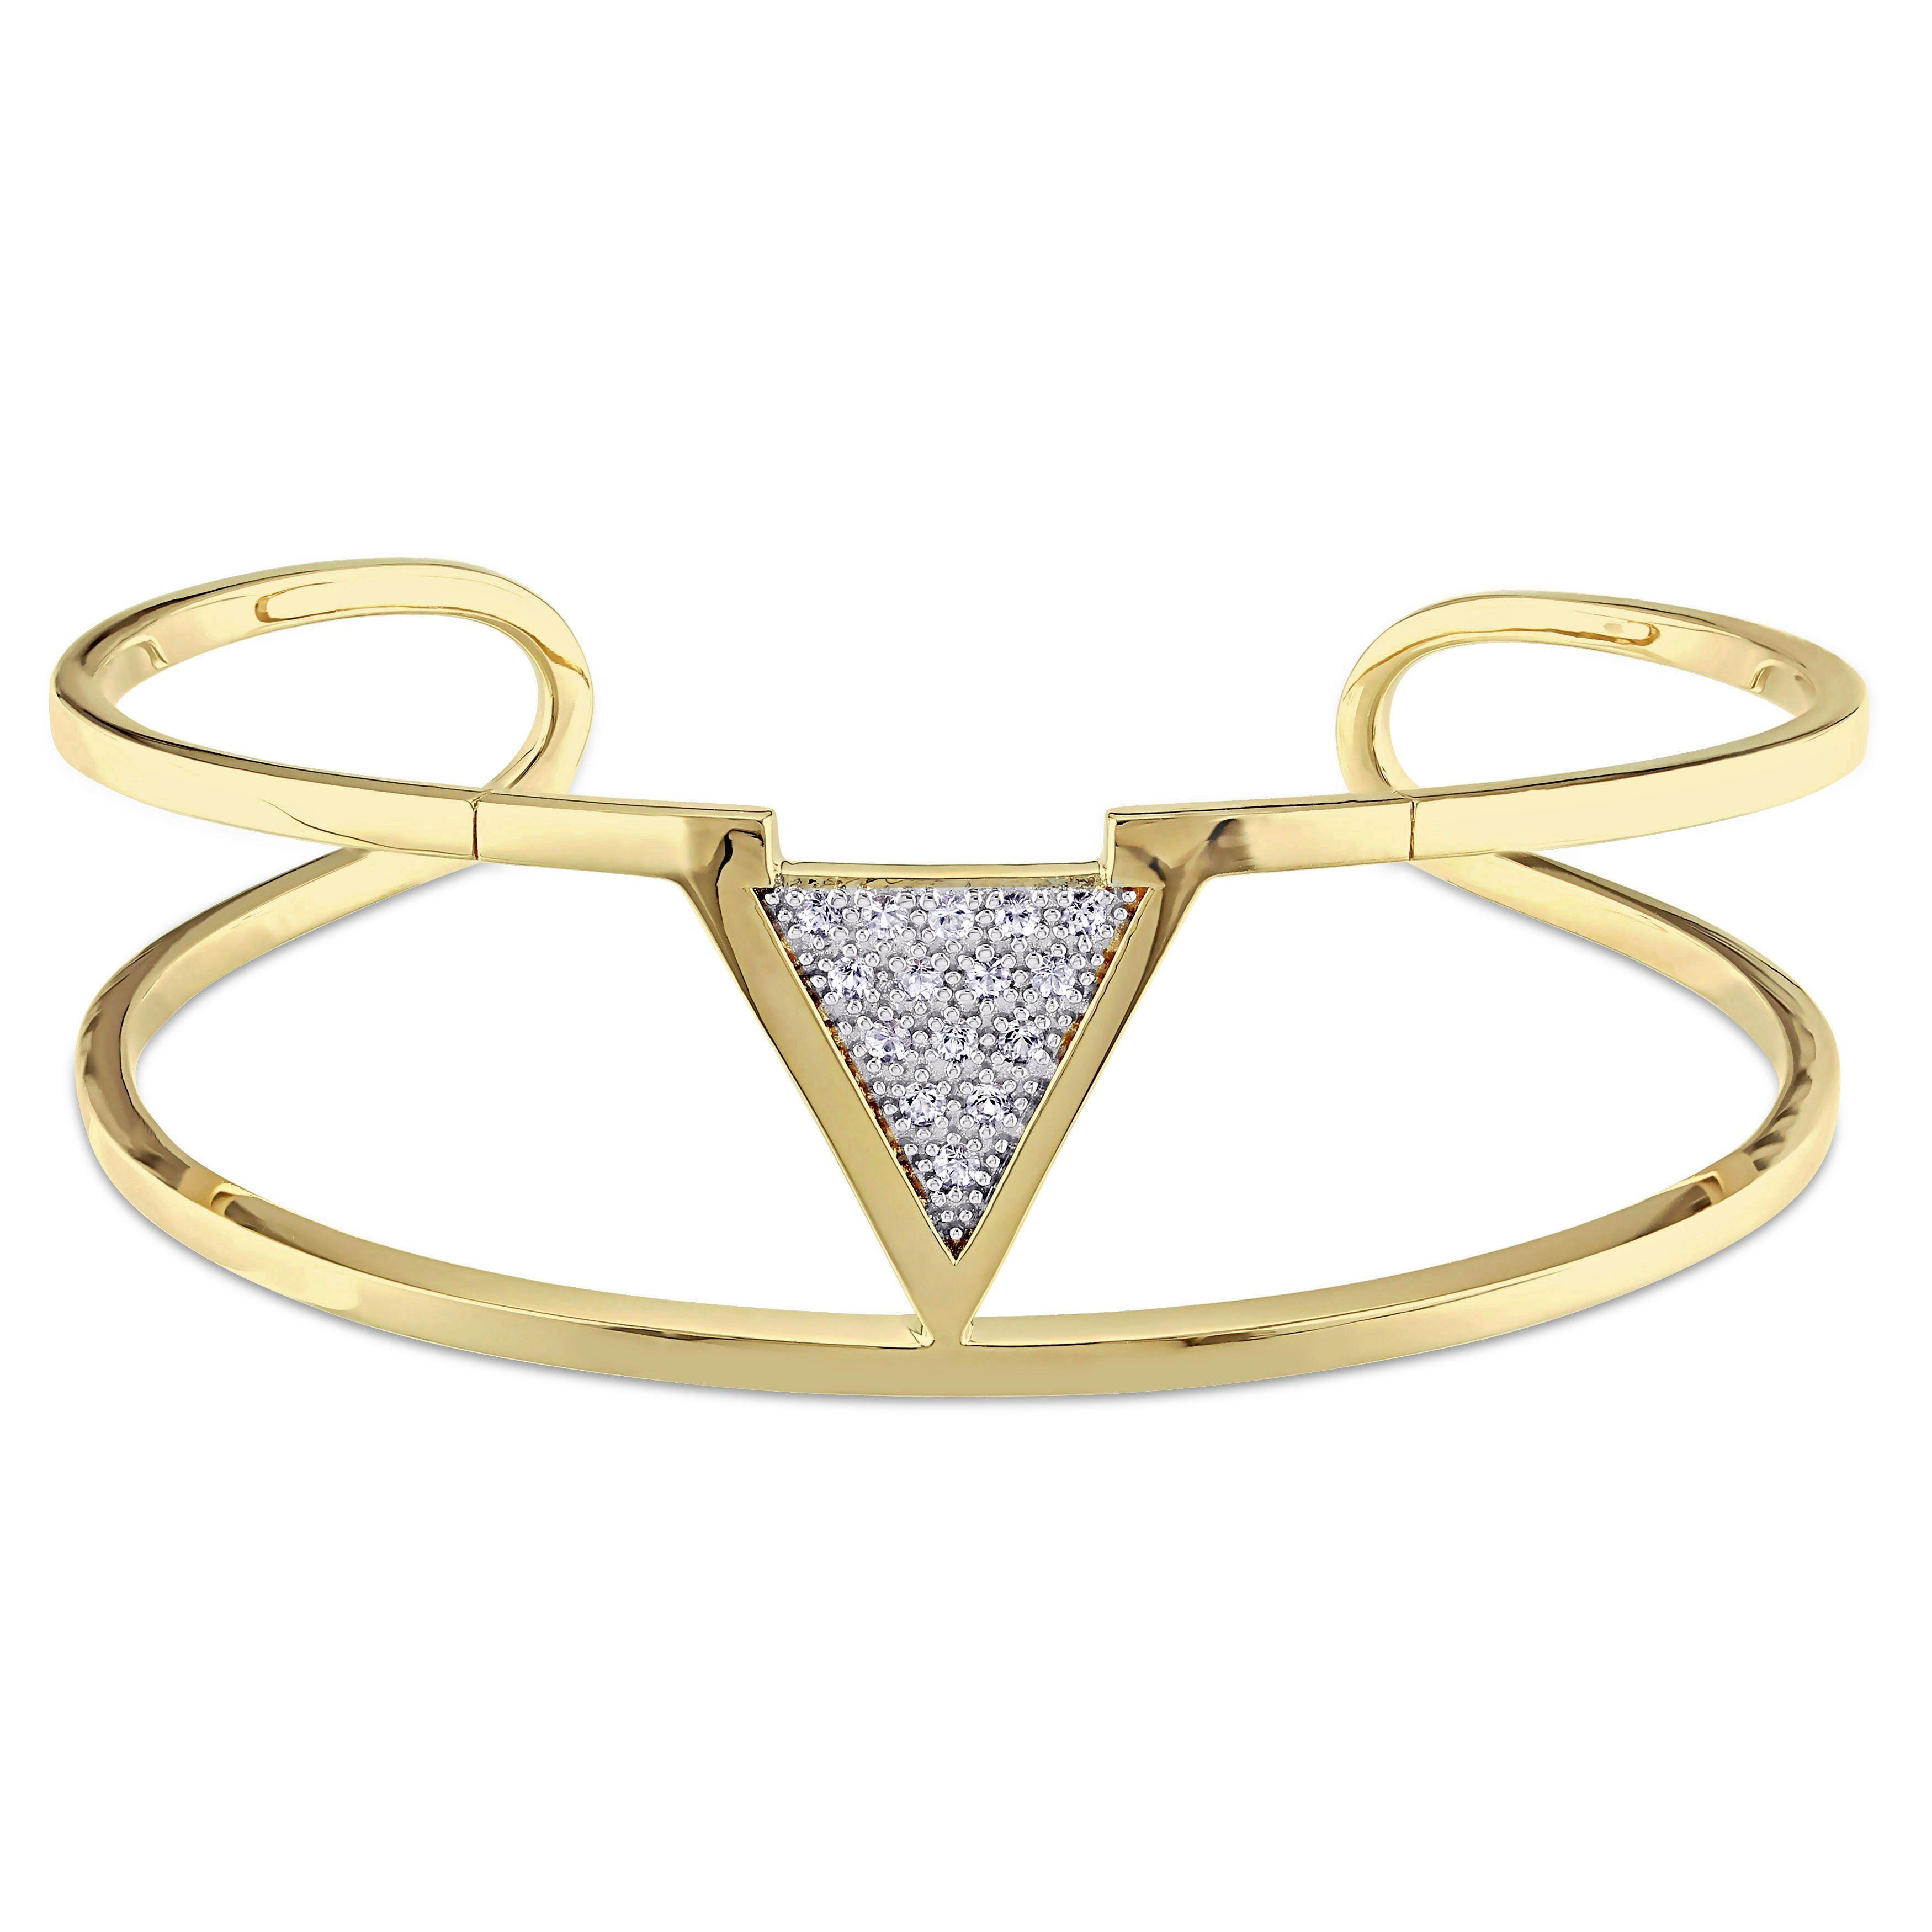 Versace abbigliamento sportivo srl sapphire insignia cuff